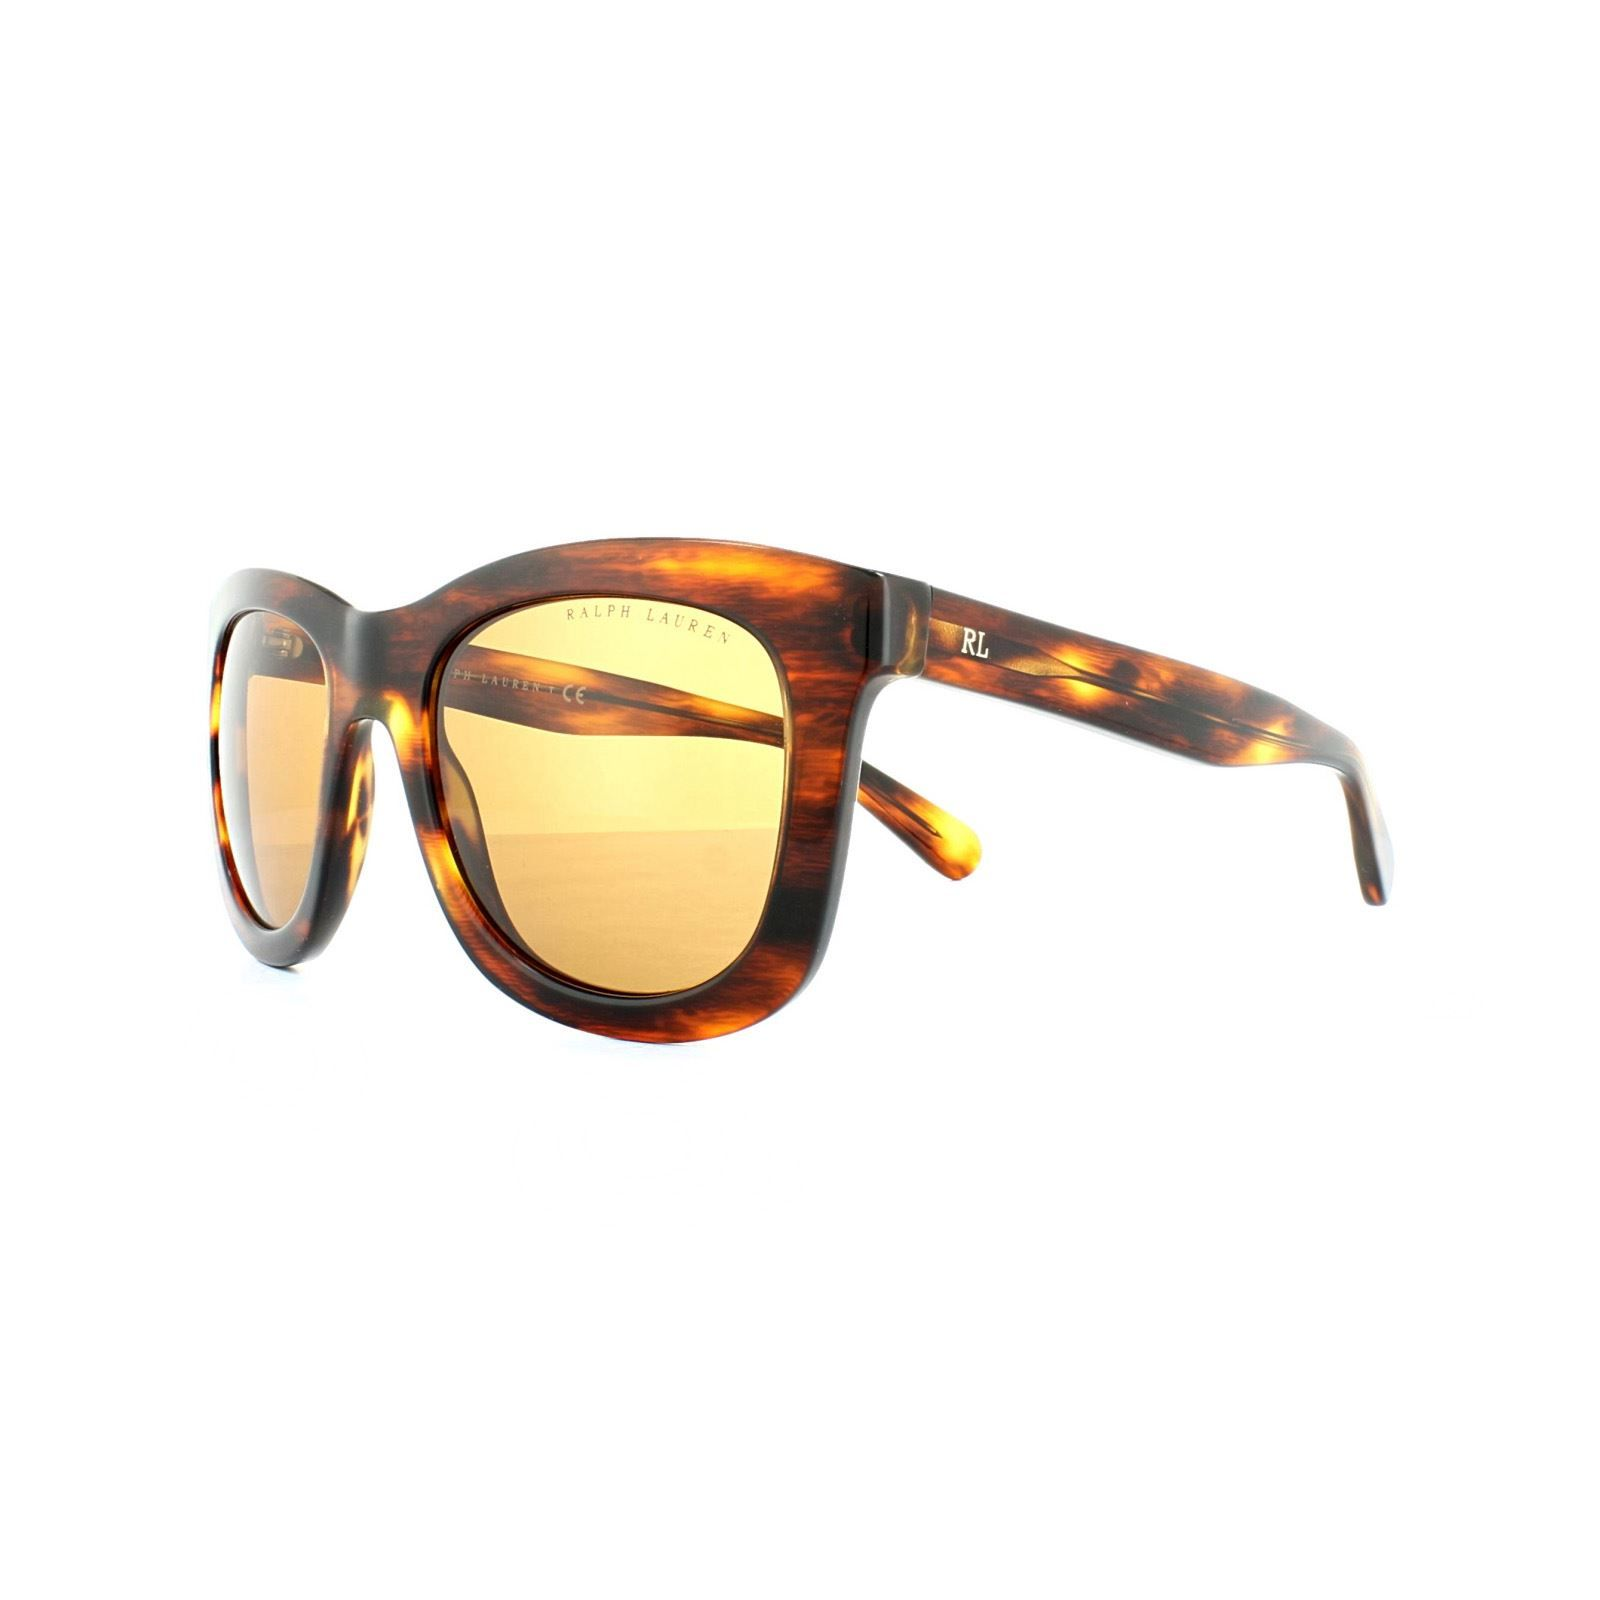 Ralph Lauren Sunglasses 8137 500773 Striped Havana Brown